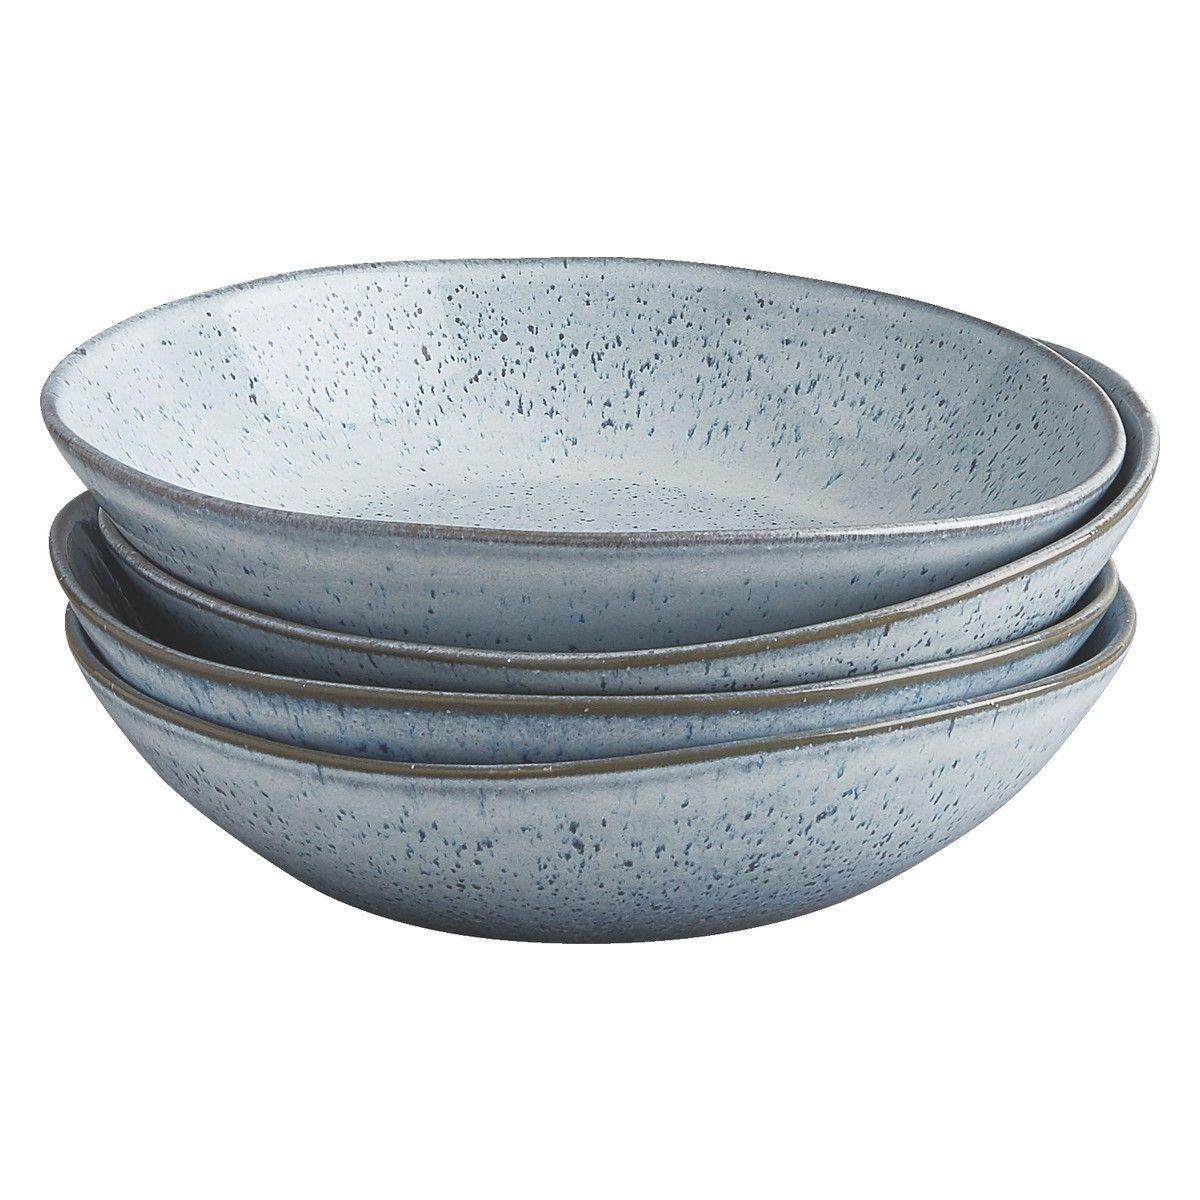 Olmo Light Blue Light Blue Speckled Set Of 4 Pasta Bowl